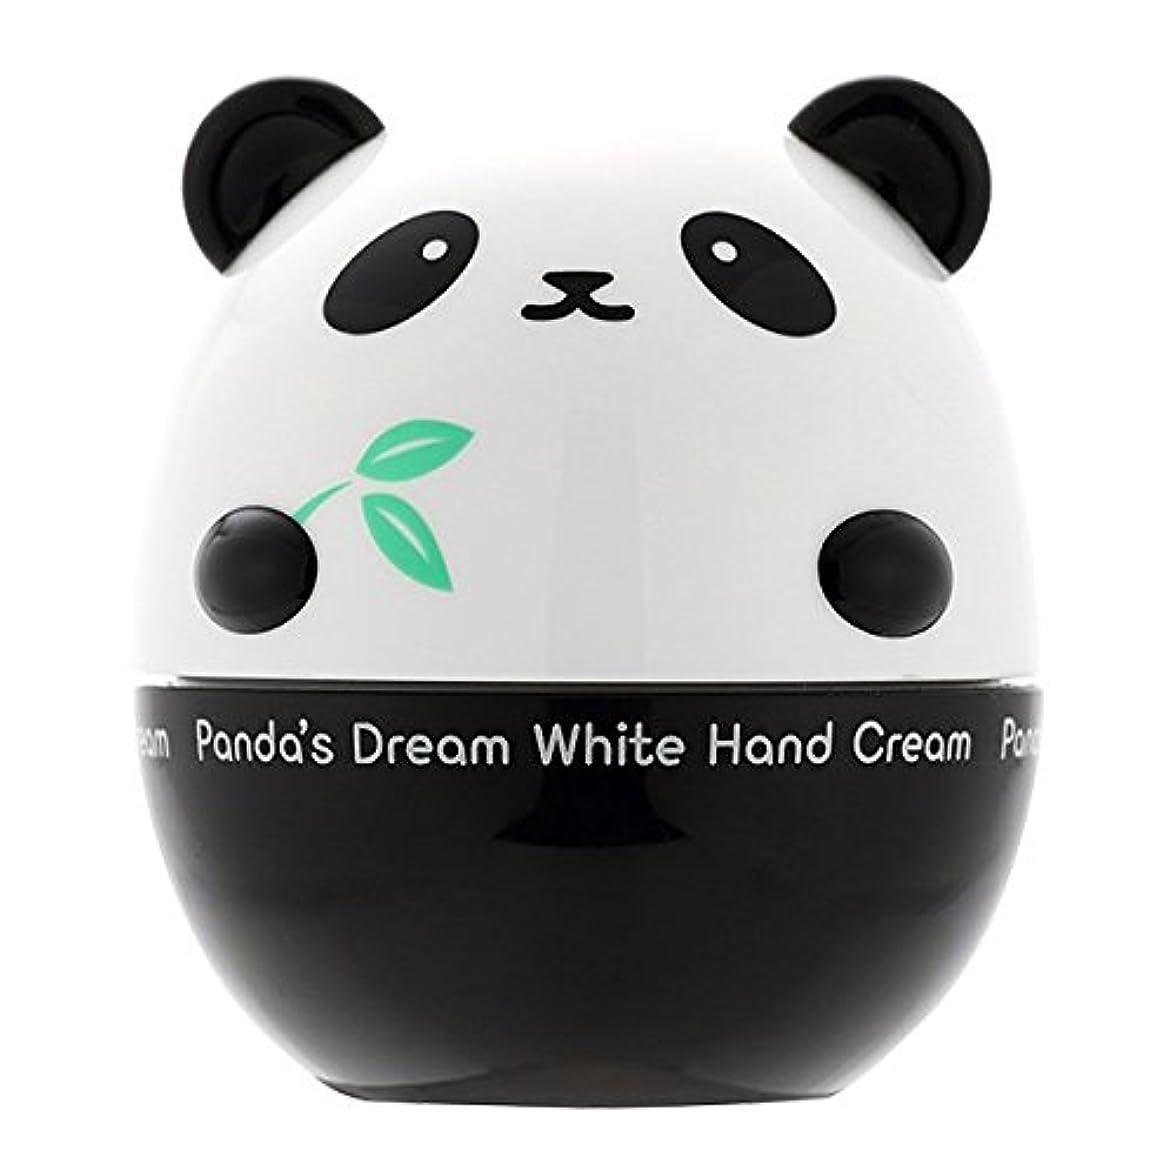 代替拮抗周術期TONYMOLY パンダのゆめ ホワイトマジッククリーム 50g Panda's Dream White Magic Cream 照明クリームトニーモリー下地の代わりに美肌クリーム美肌成分含有 【韓国コスメ】トニーモリー